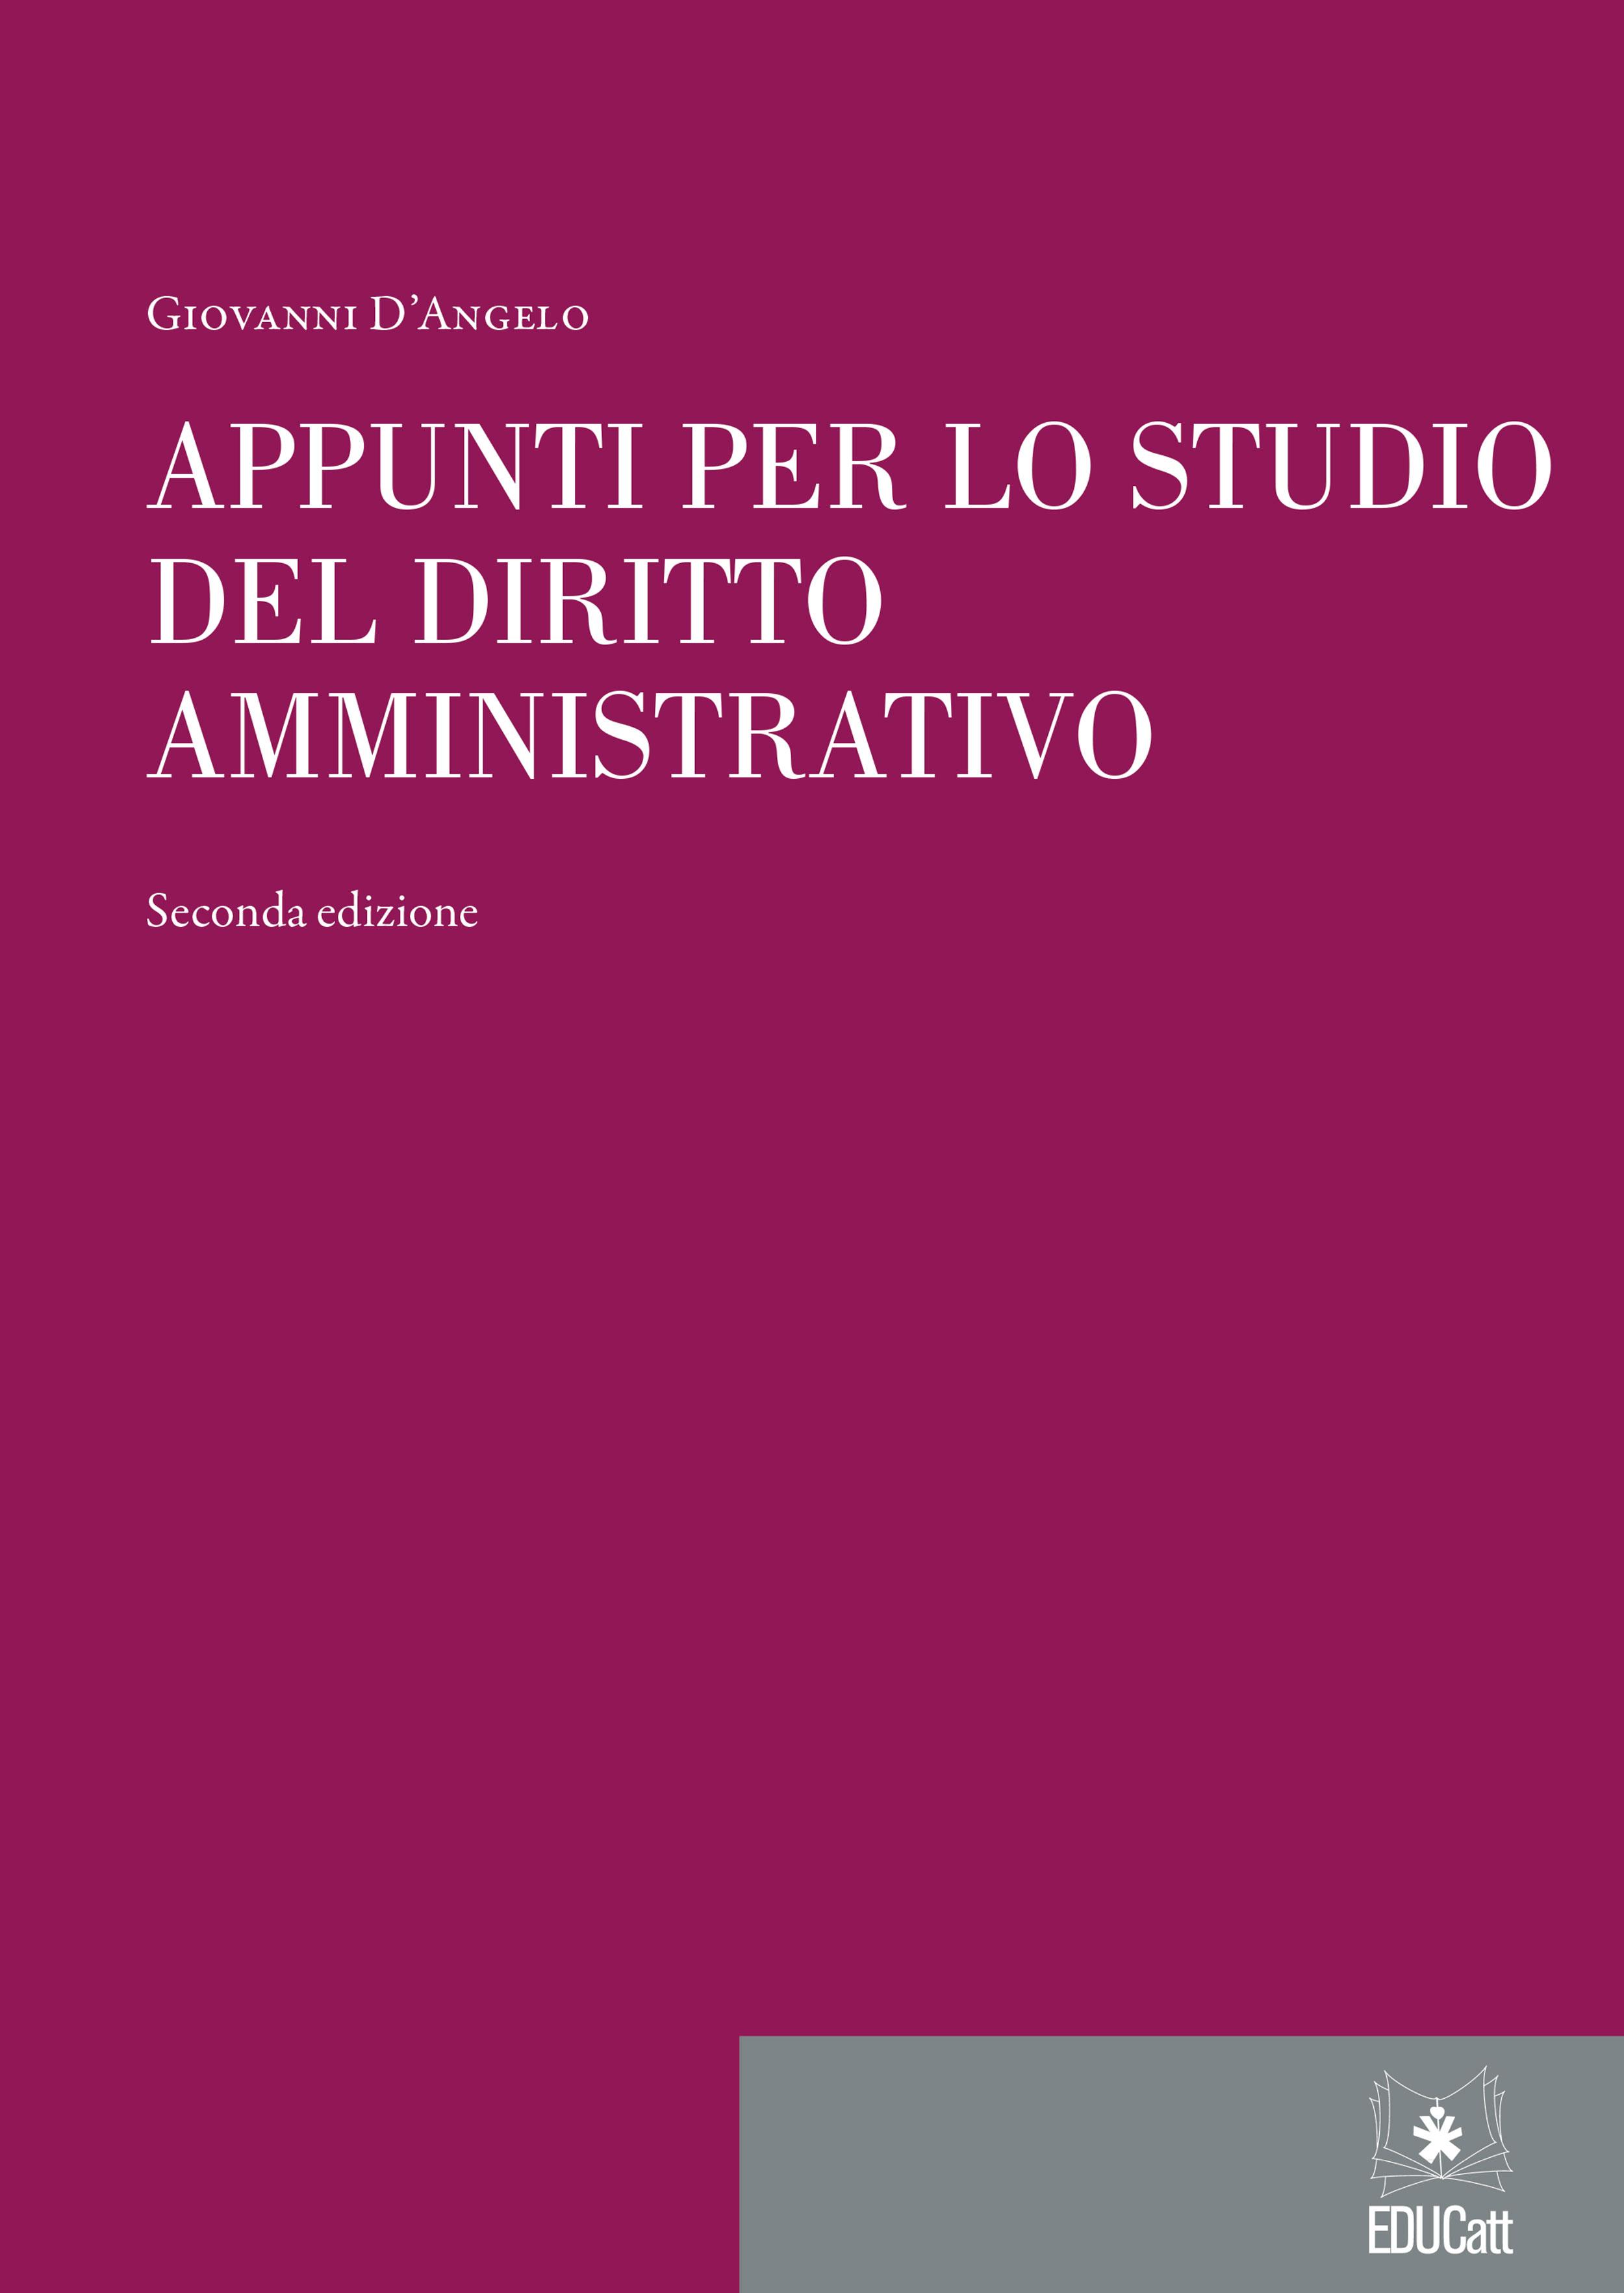 APPUNTI PER LO STUDIO DEL DIRITTO AMMINISTRATIVO. SECONDA EDIZIONE